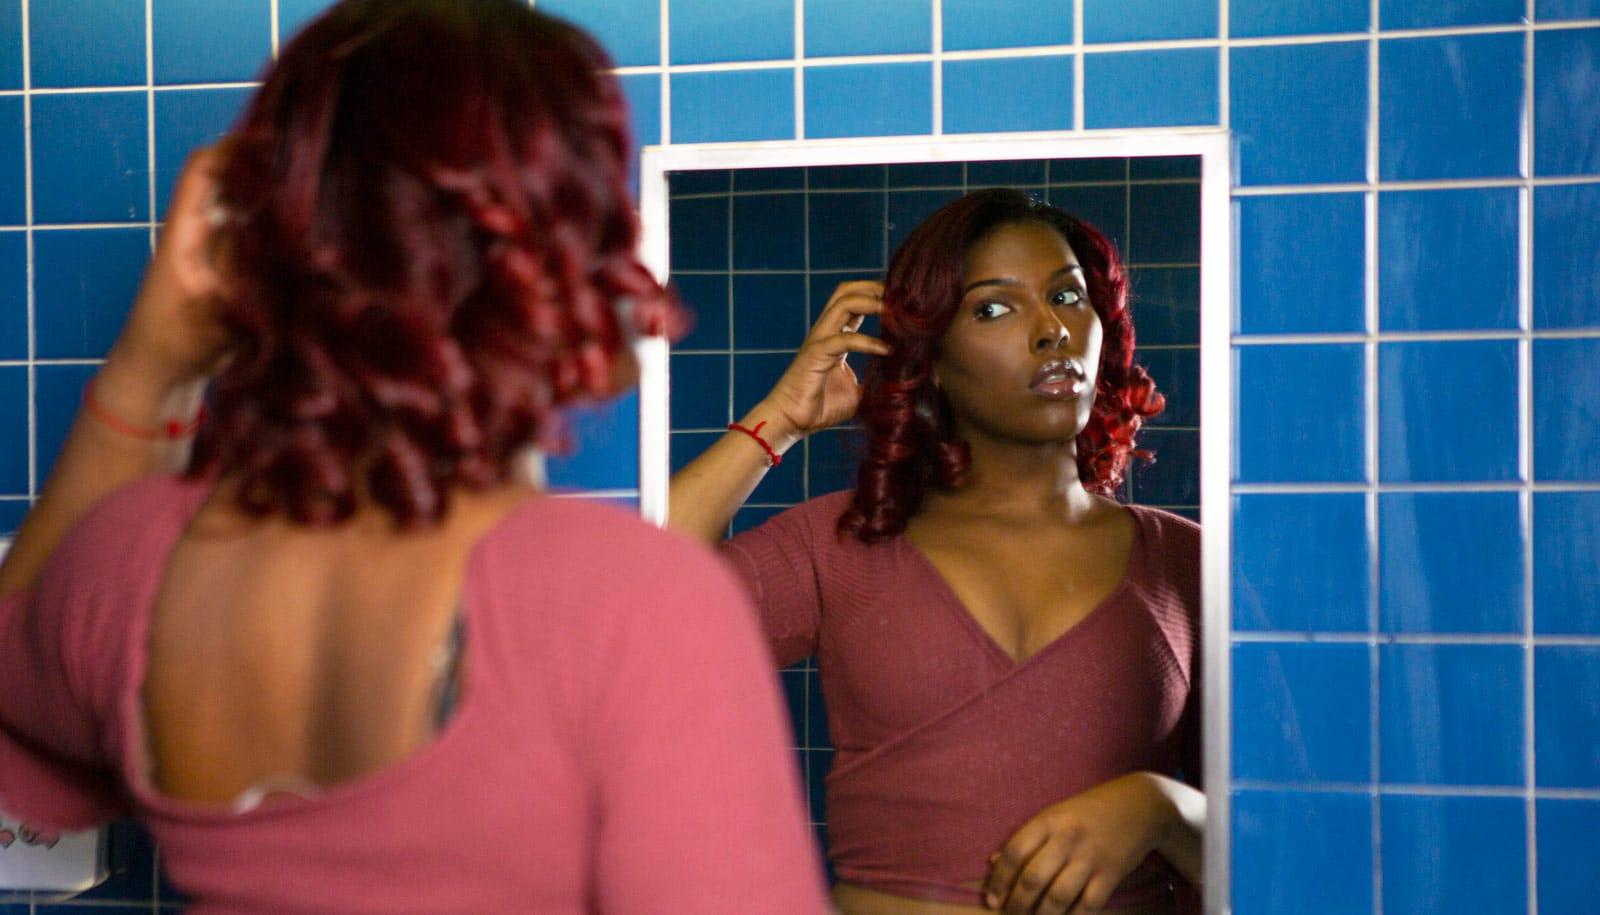 Preserve fertility? Trans teens face tough decision